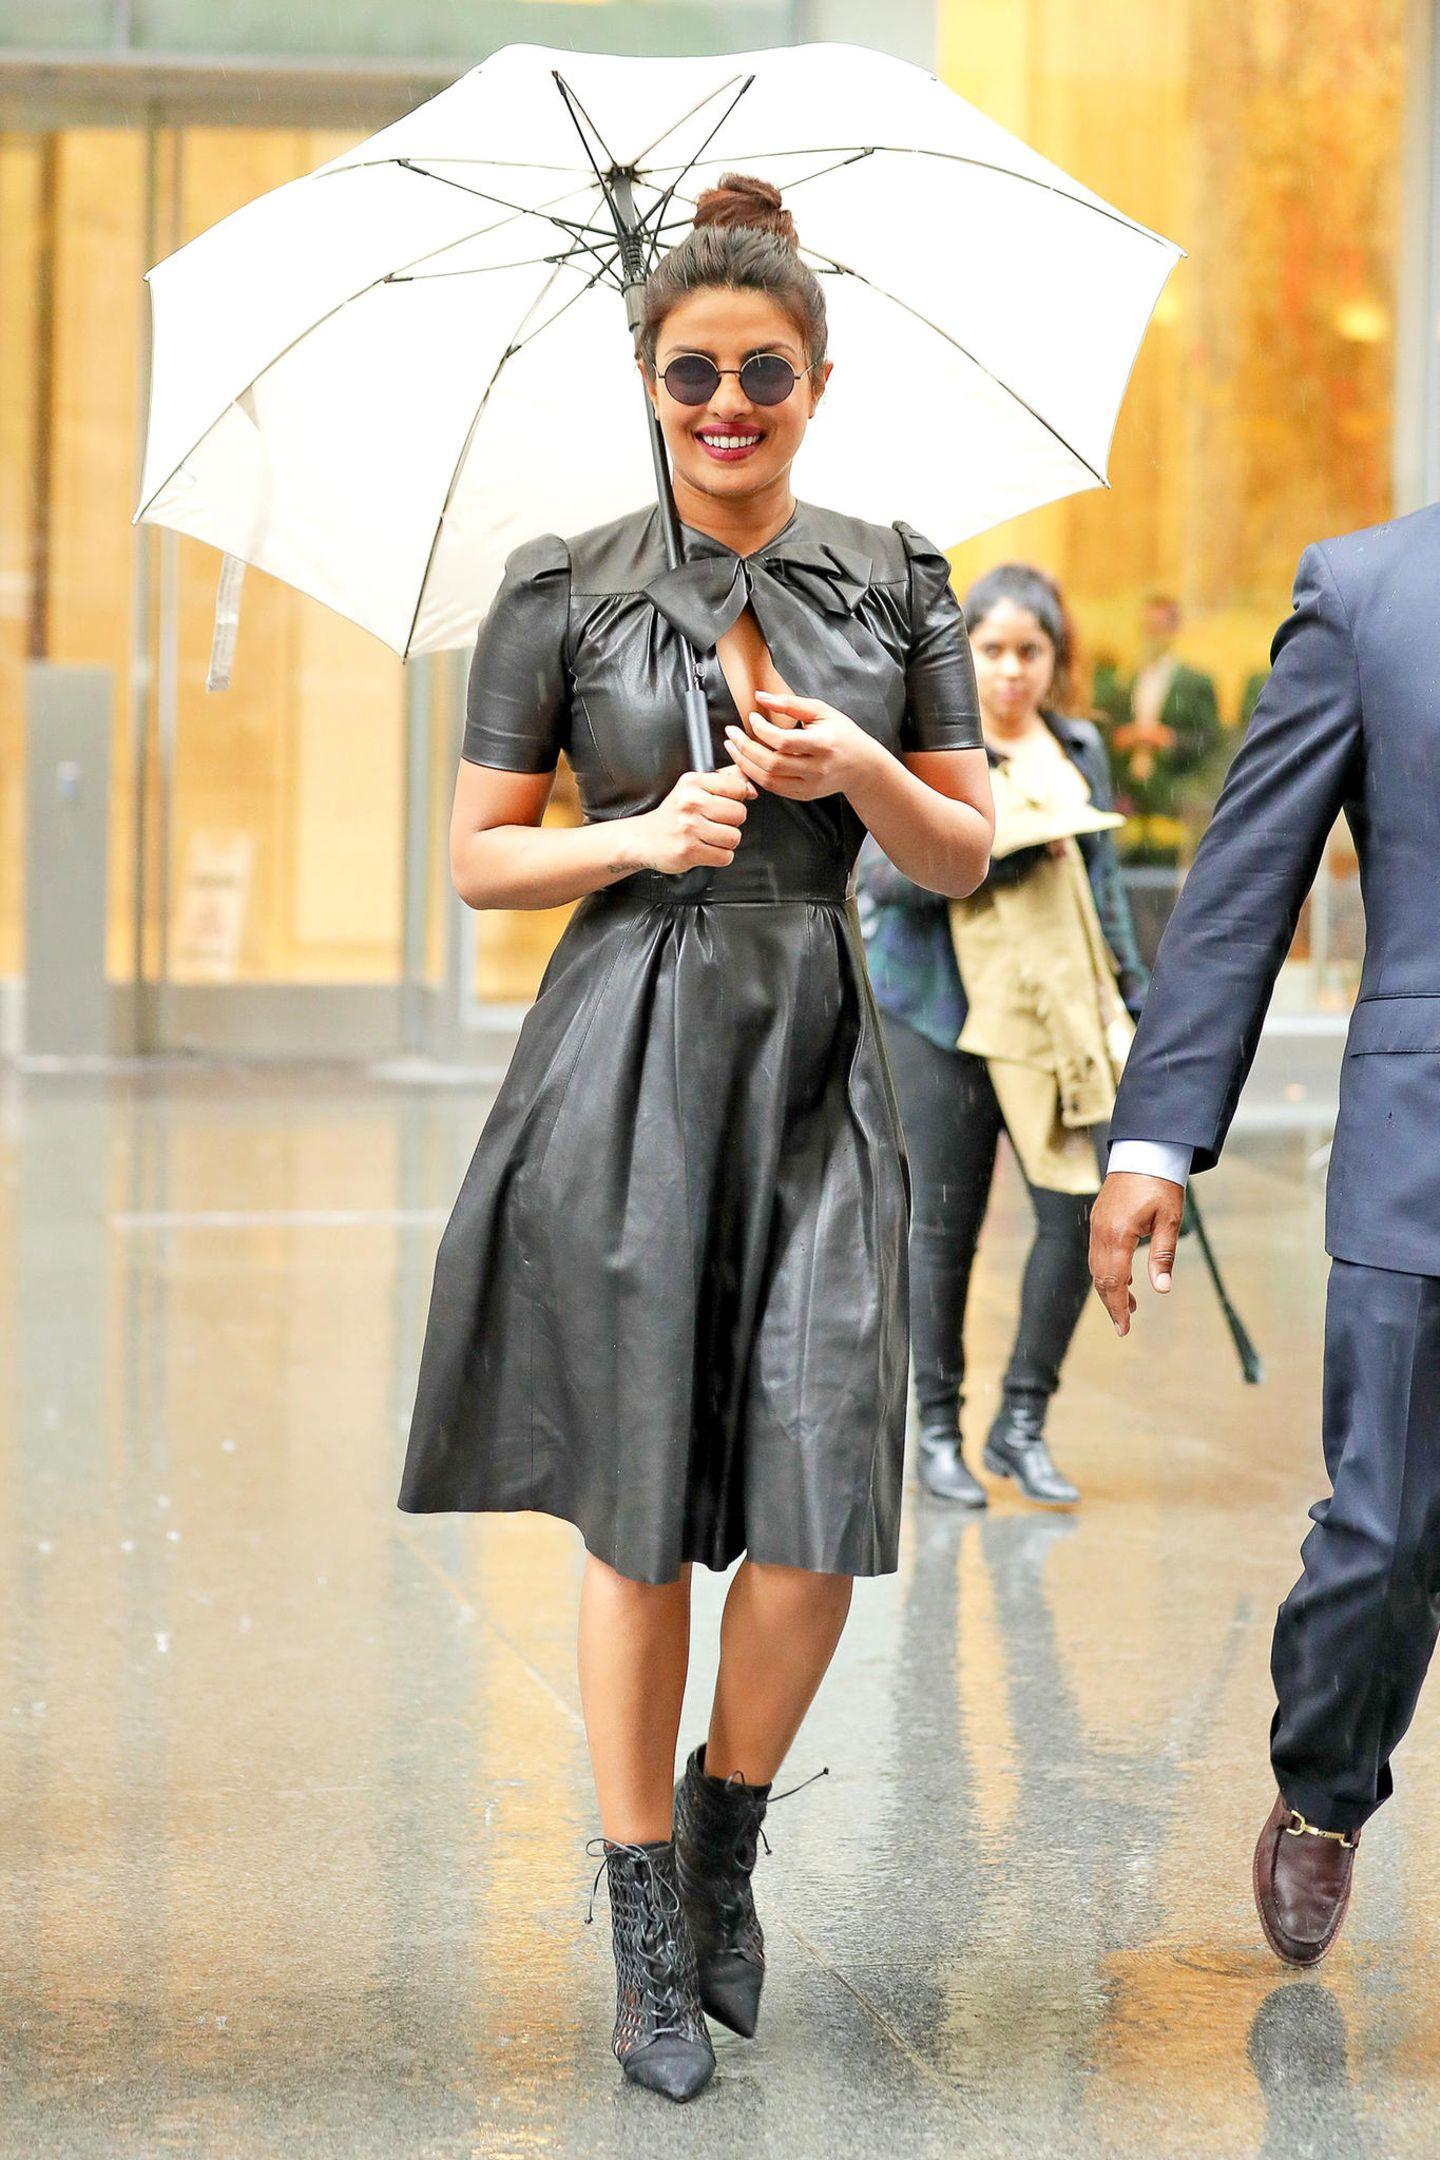 Priyanka Chopra lässt sich durch ein paar Regentropfen die gute Laune sicher nicht verderben.